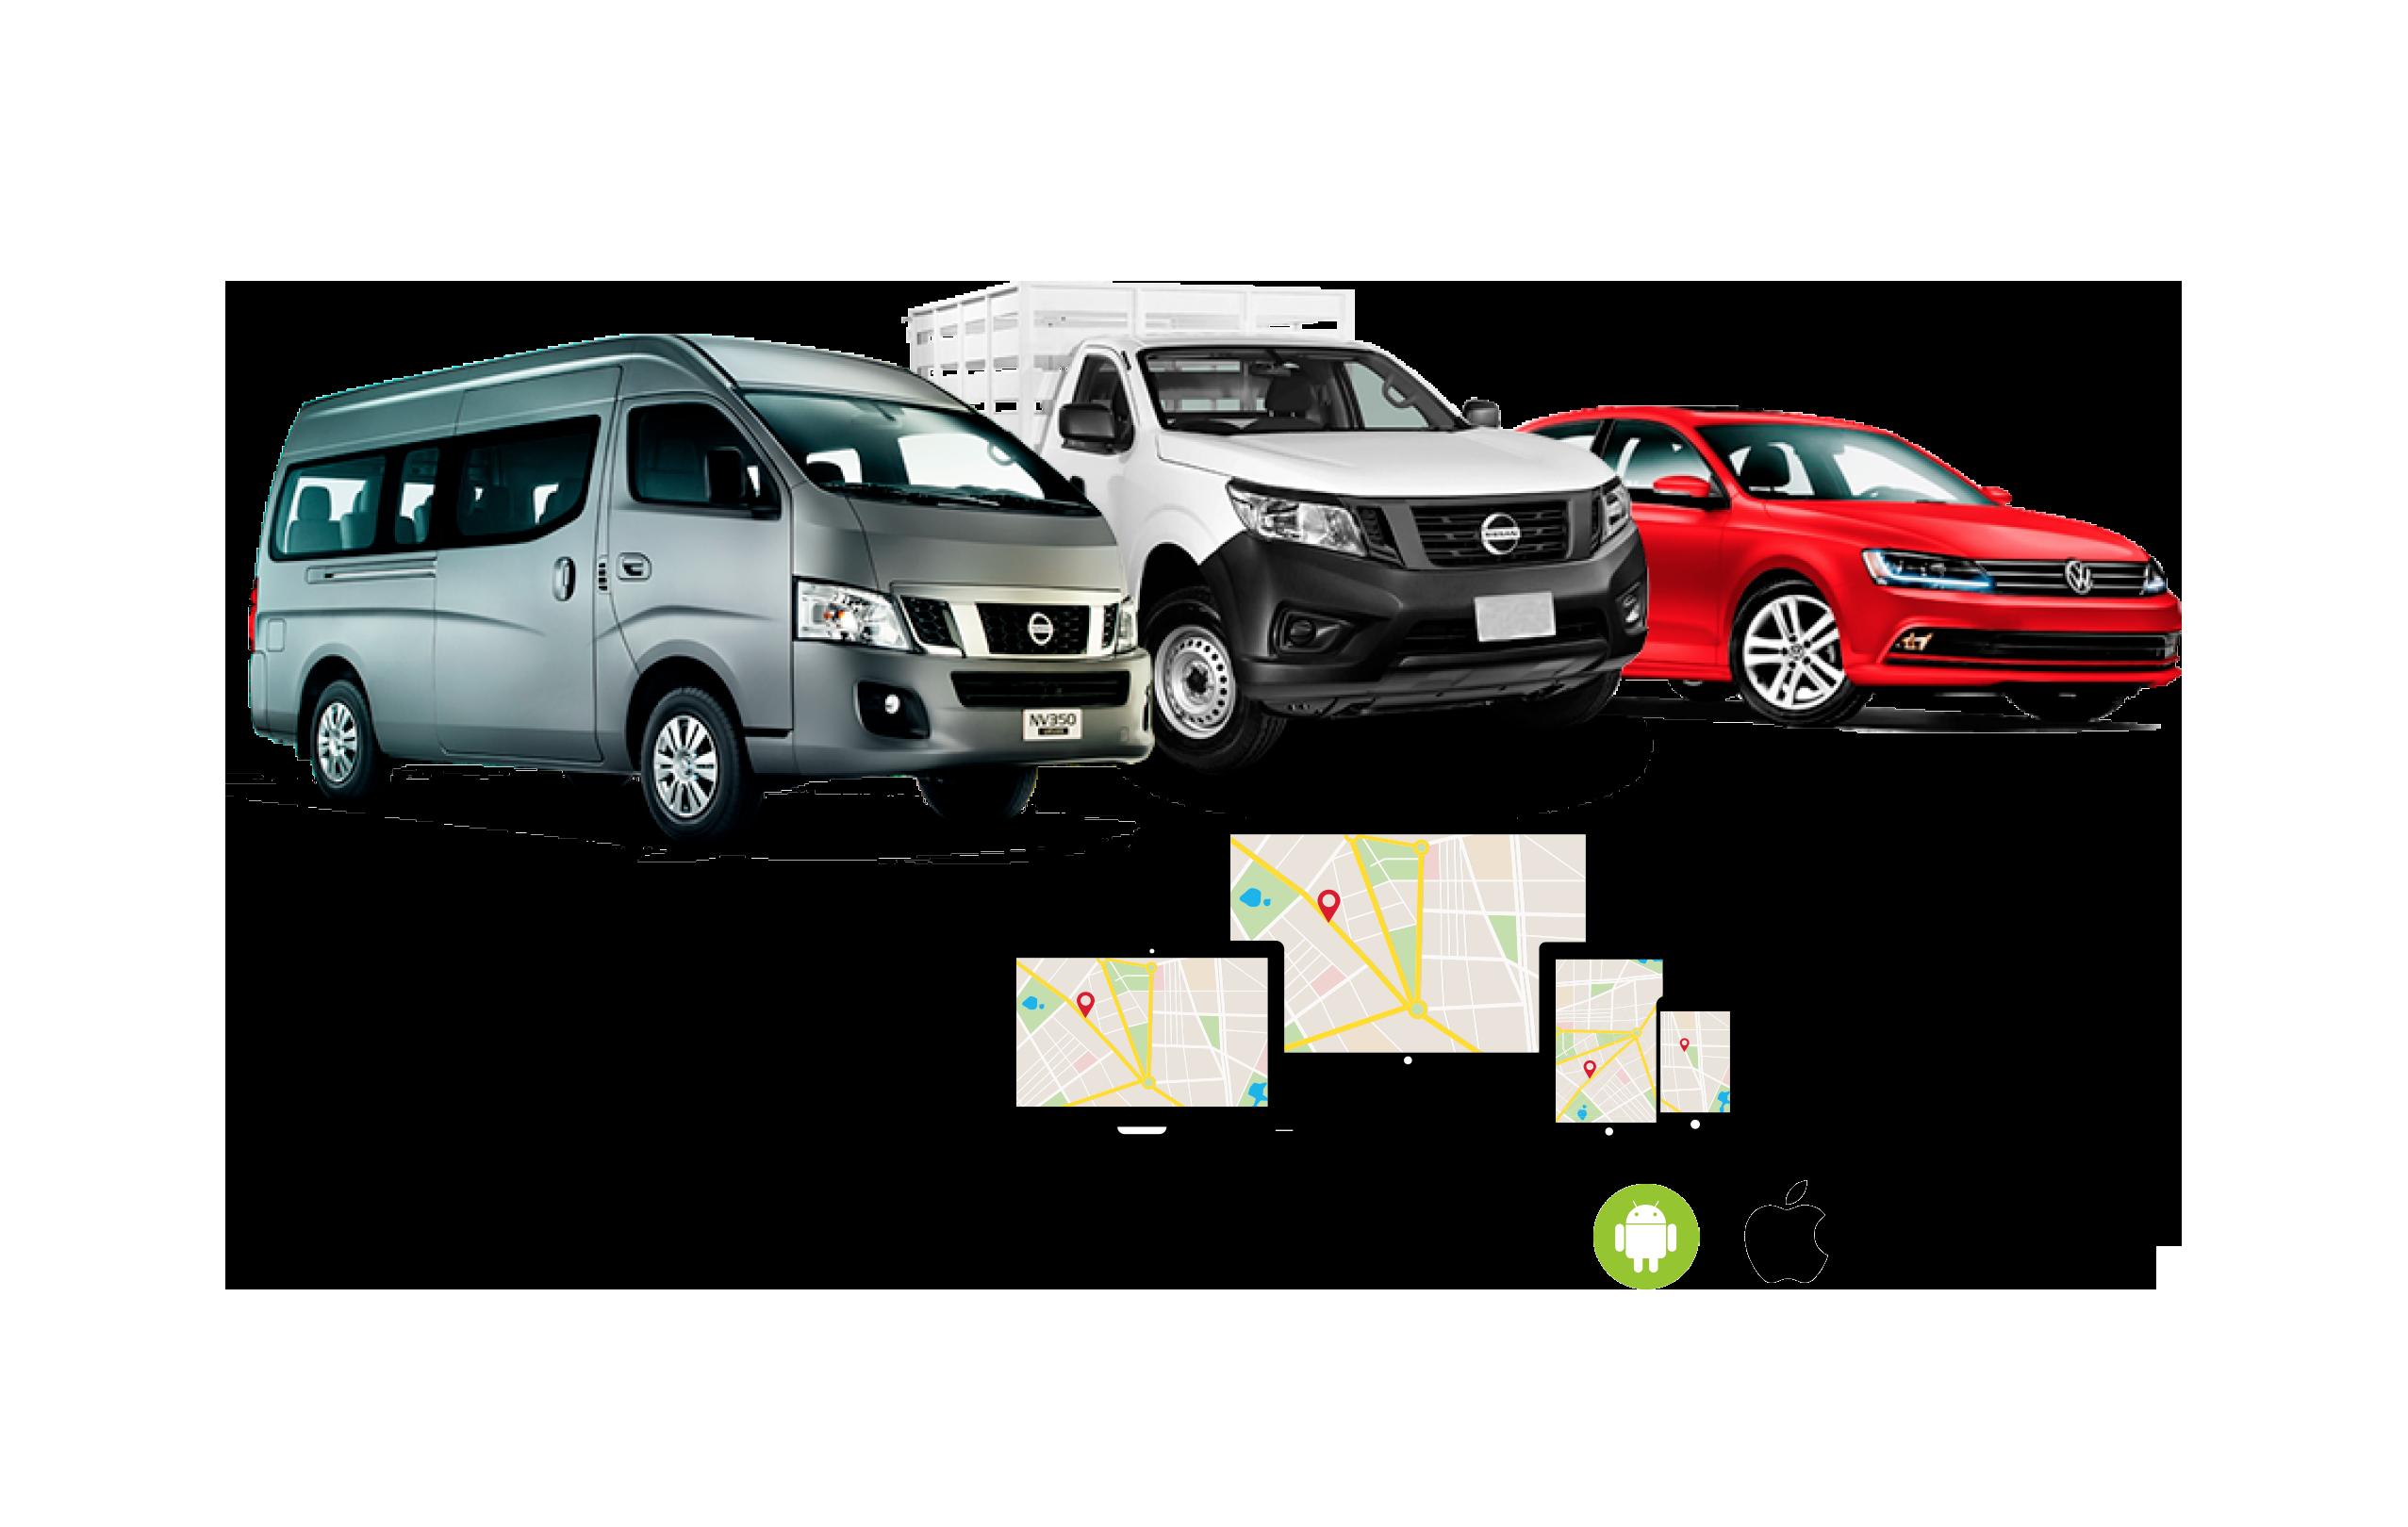 BBOX Security Seguridad gps monitoreo dispositivos 1 - Servicio de Rastreo Satelital y GPS en Guadalajara   BBOX Security